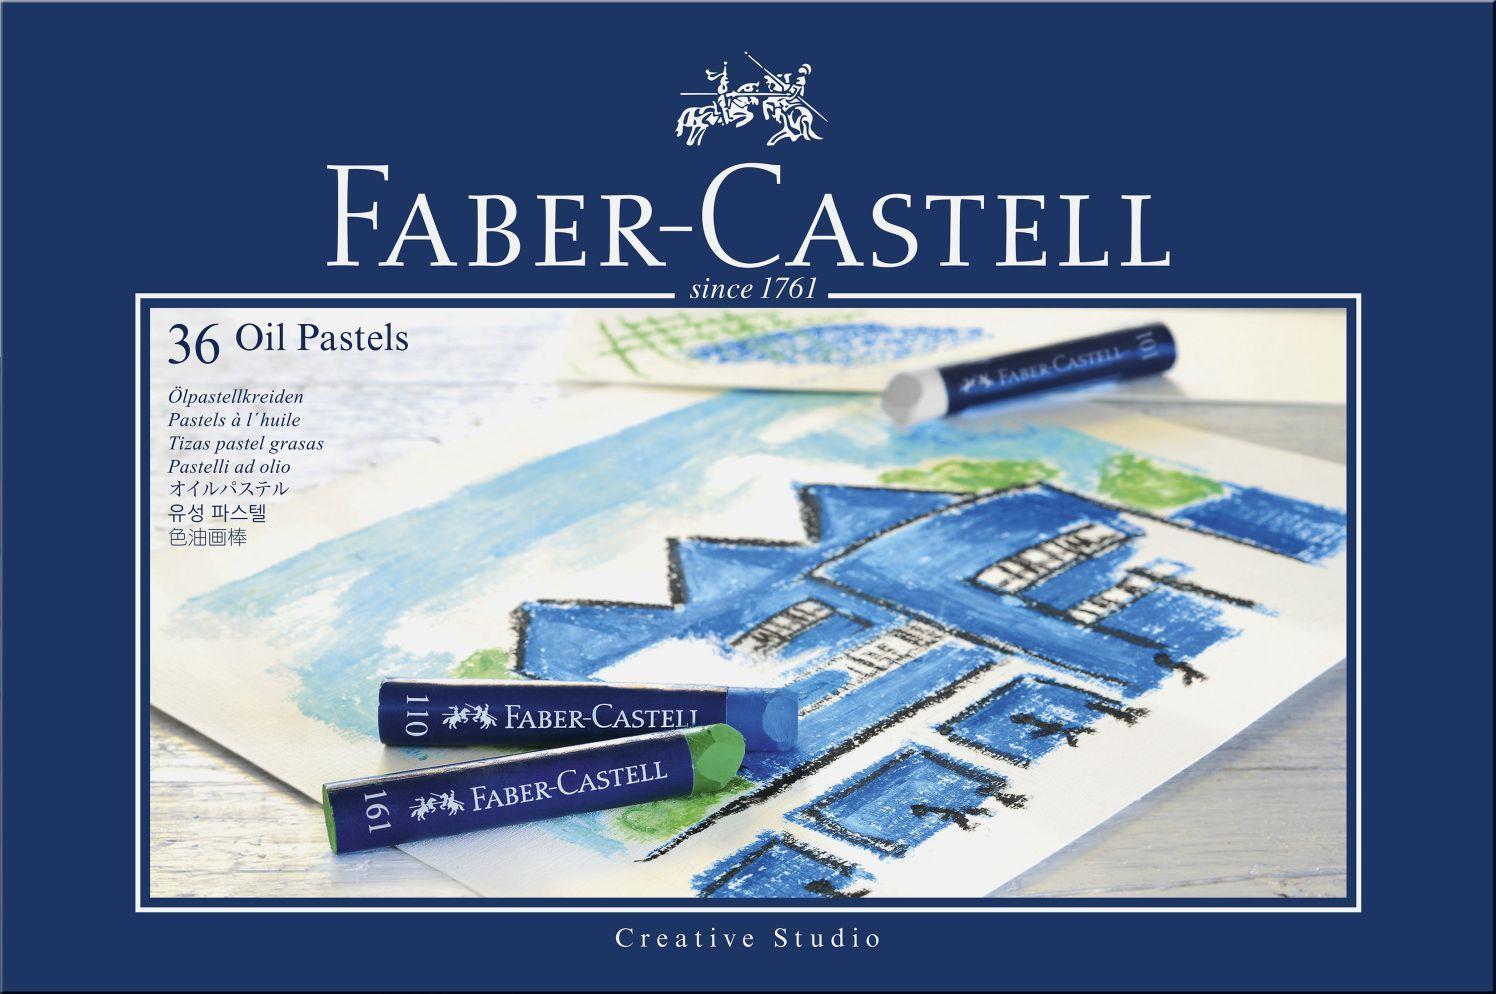 Маслени пастели Faber-Castell - Creative Studio, 36 броя - 1